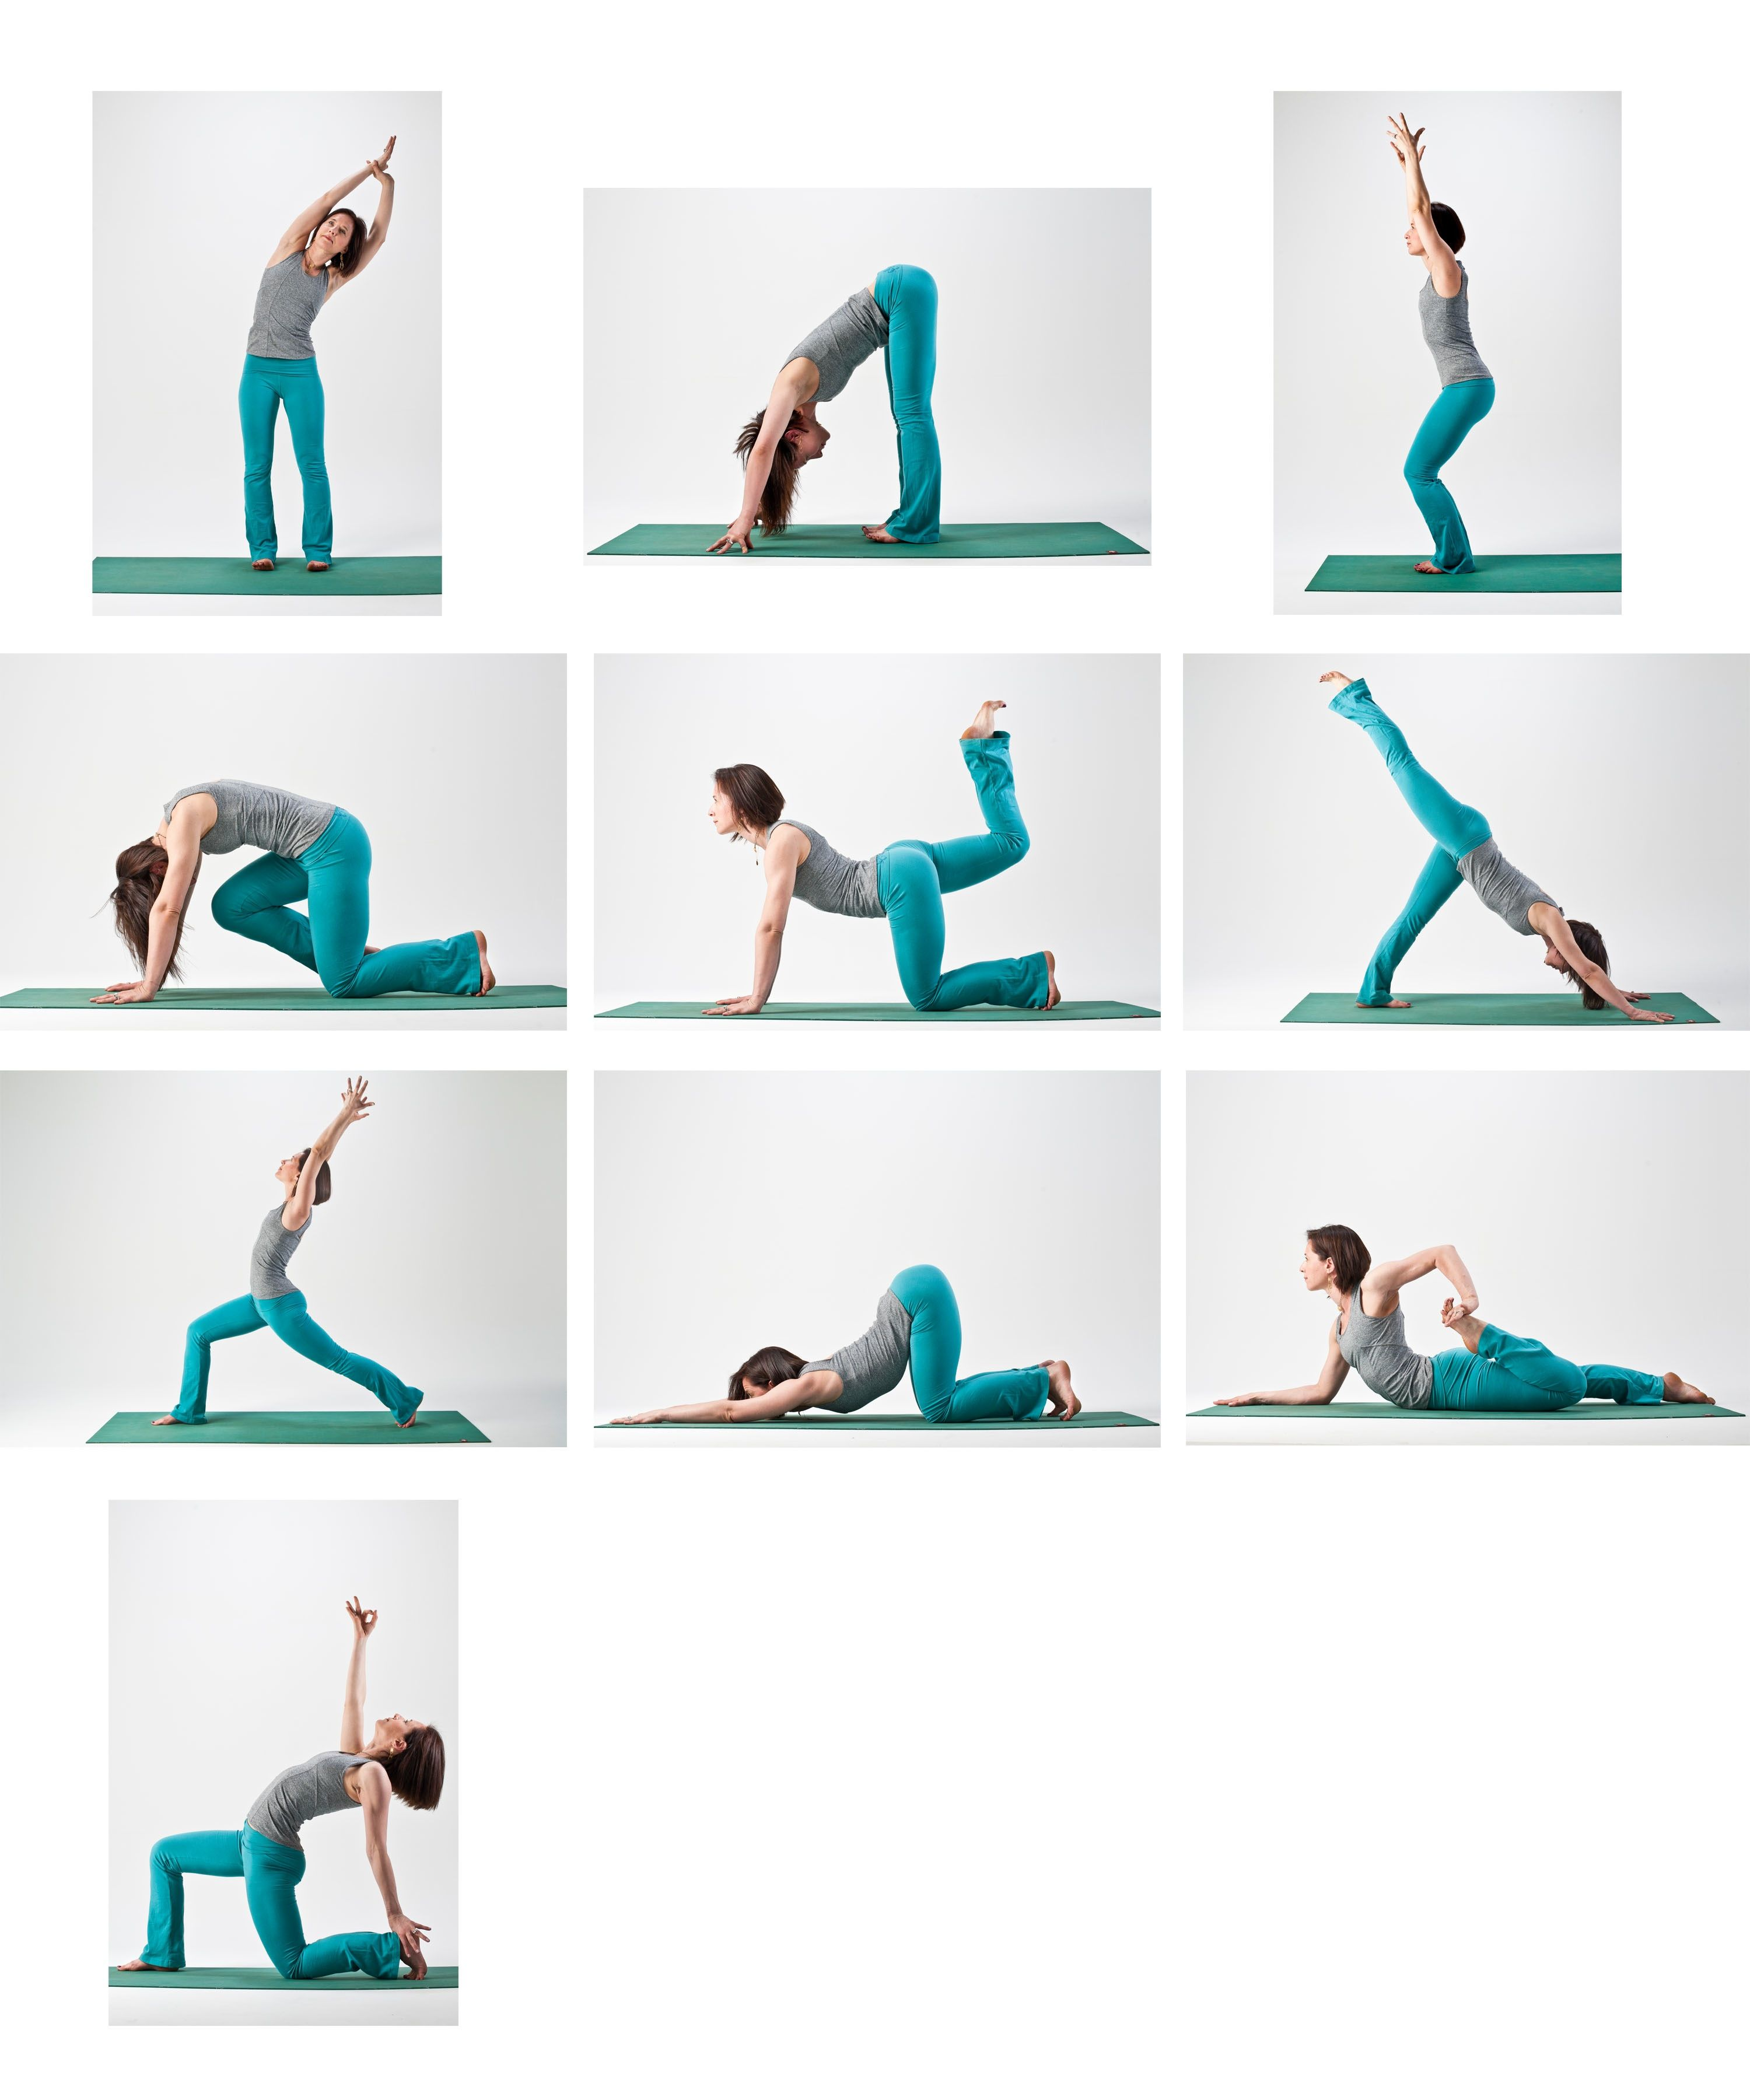 Йога последовательности в картинках